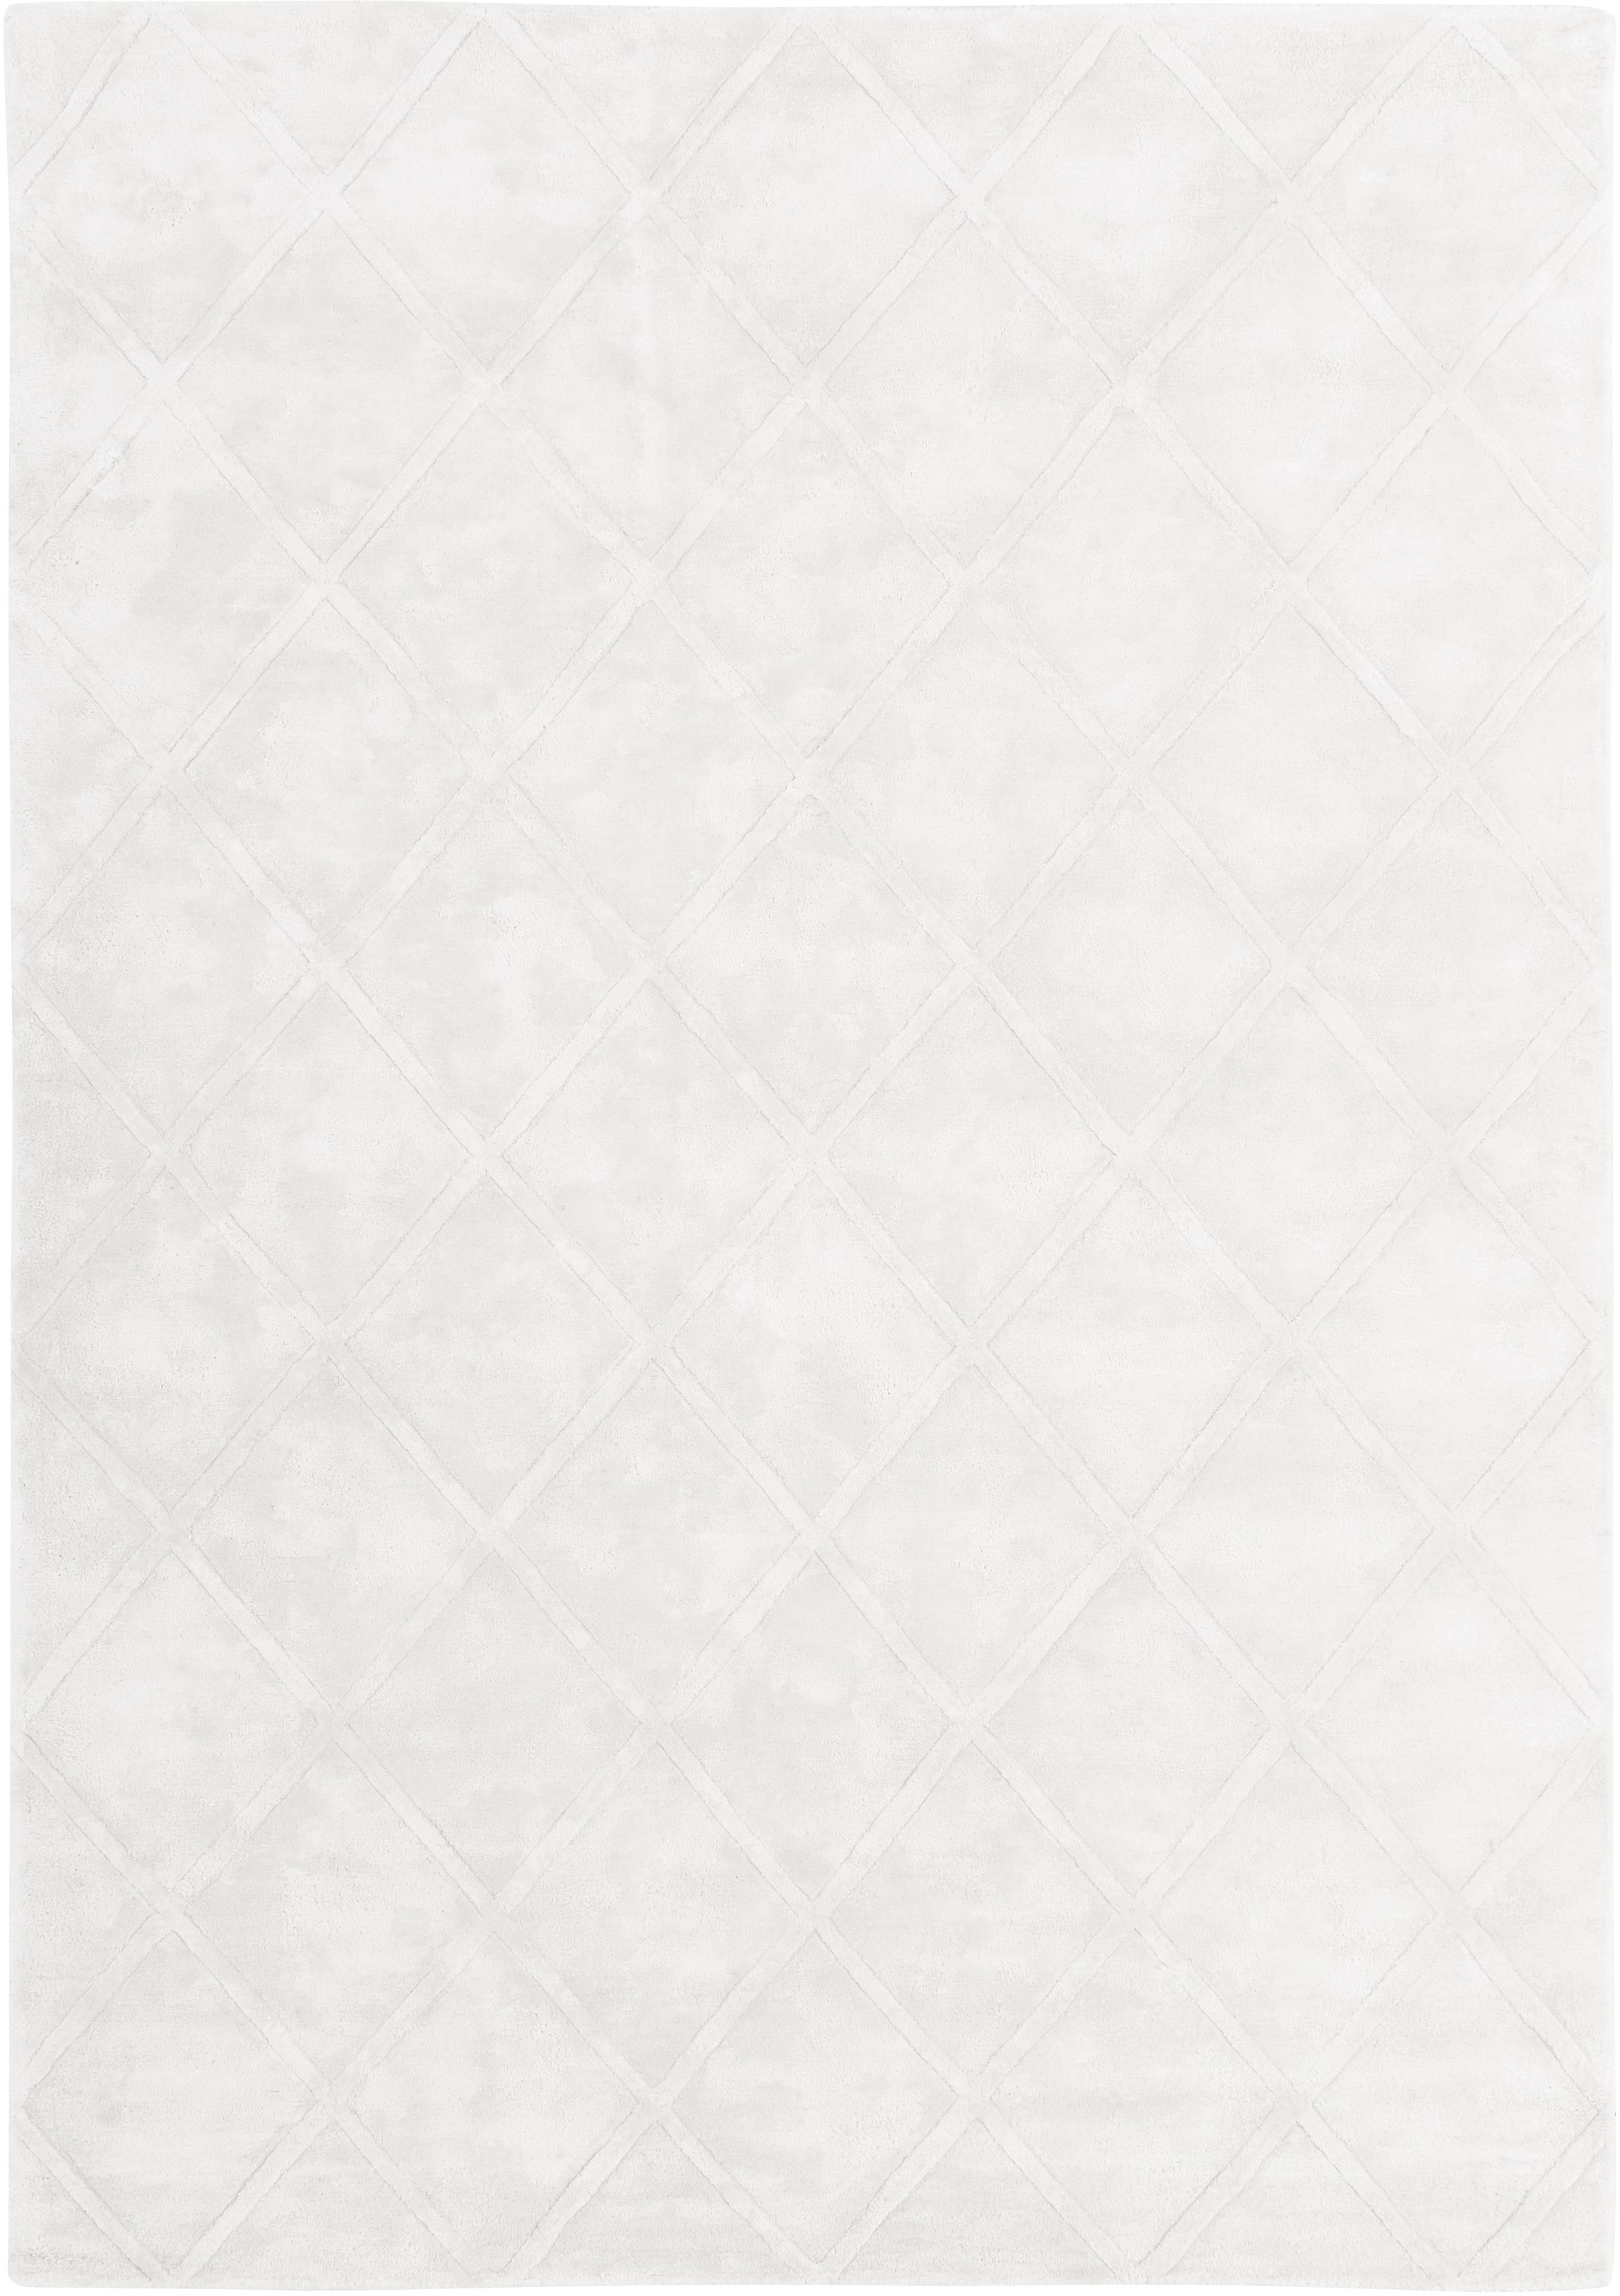 Handgetuft viscose vloerkleed Shiny in crème kleur met ruitjesmotief, Bovenzijde: 100% viscose, Onderzijde: 100% katoen, Crèmekleurig, B 120 x L 180 cm (maat S)